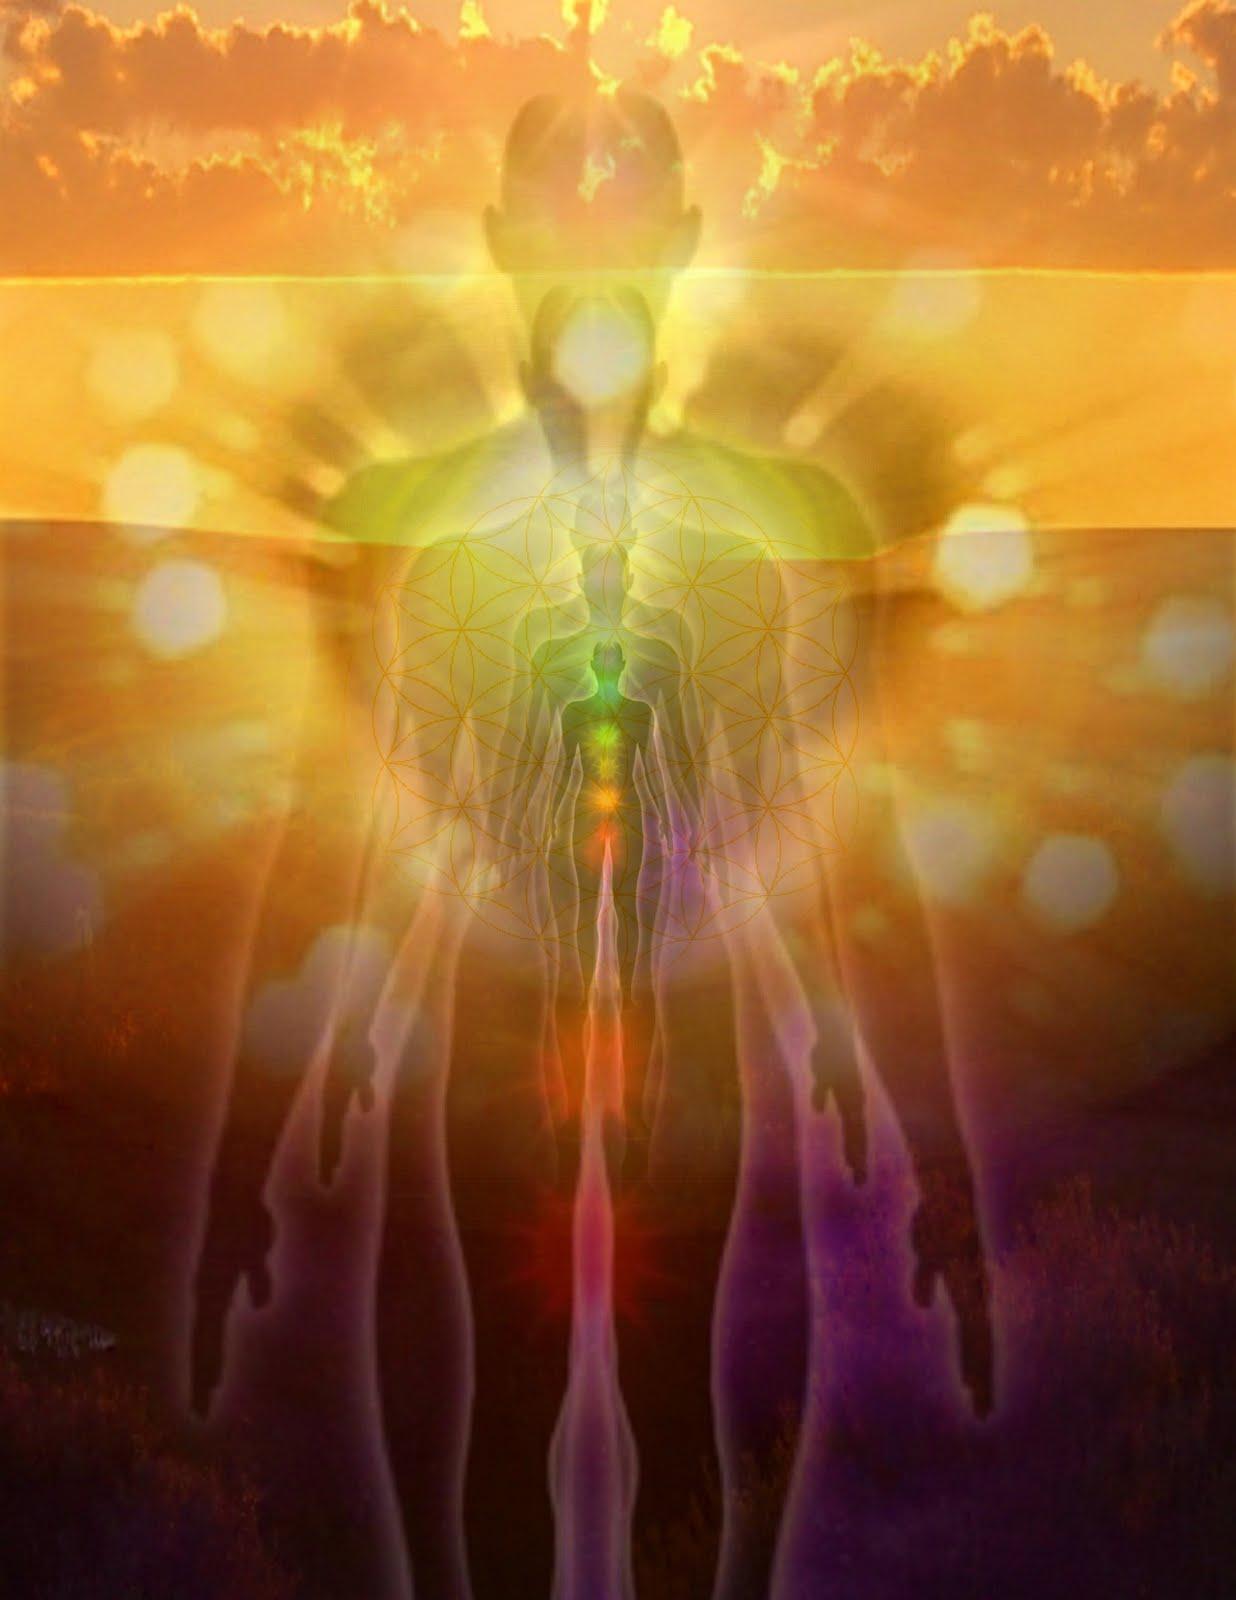 Am Sending Golden Love Light For Healing I Prayer